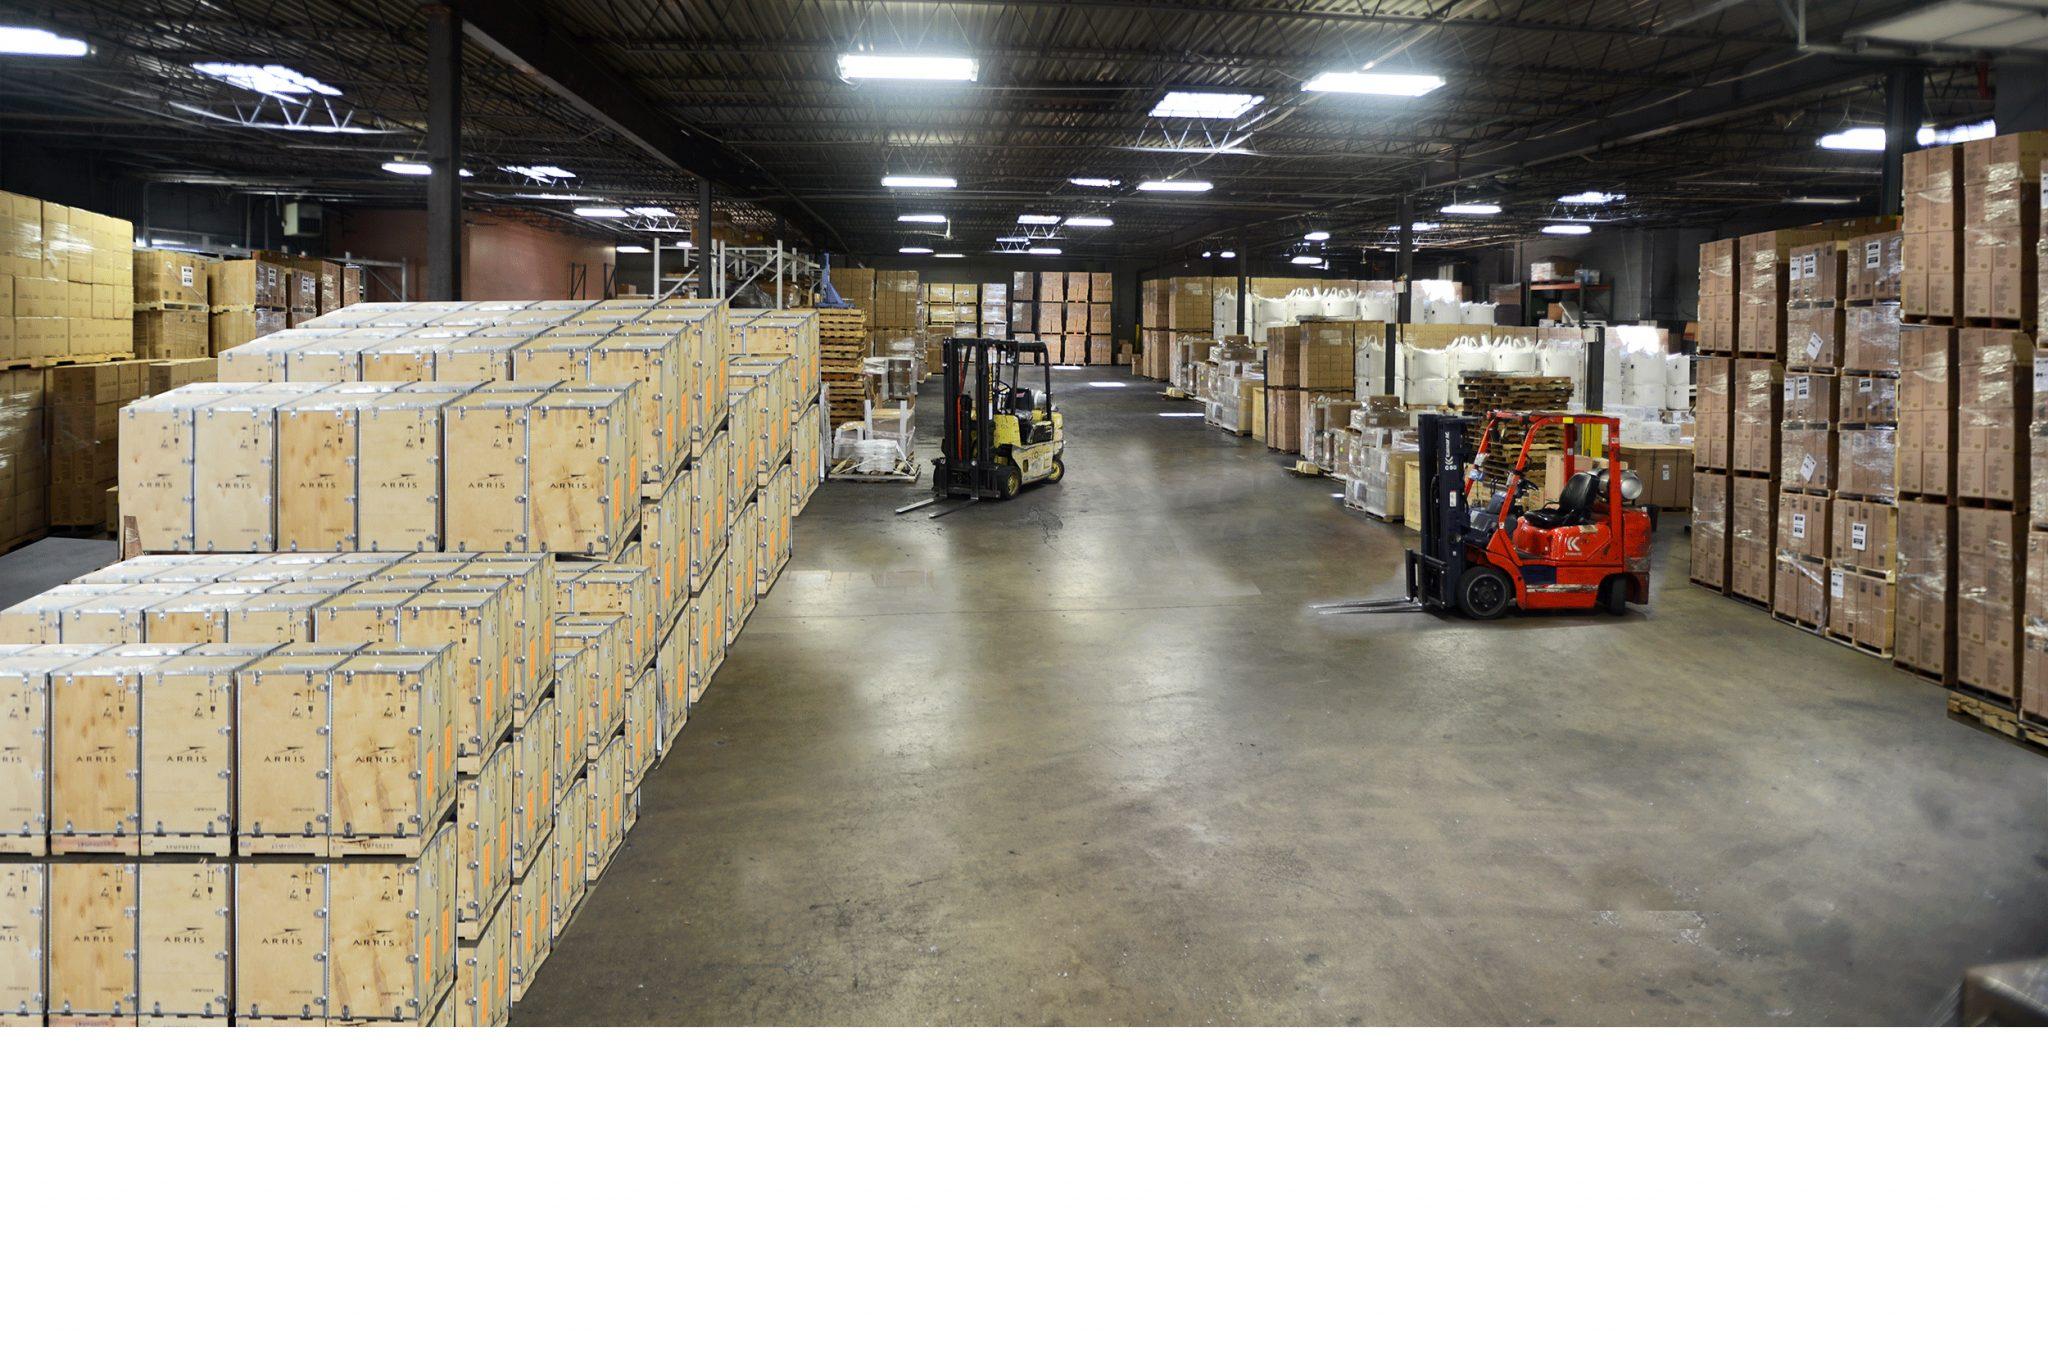 warehousing / distribution